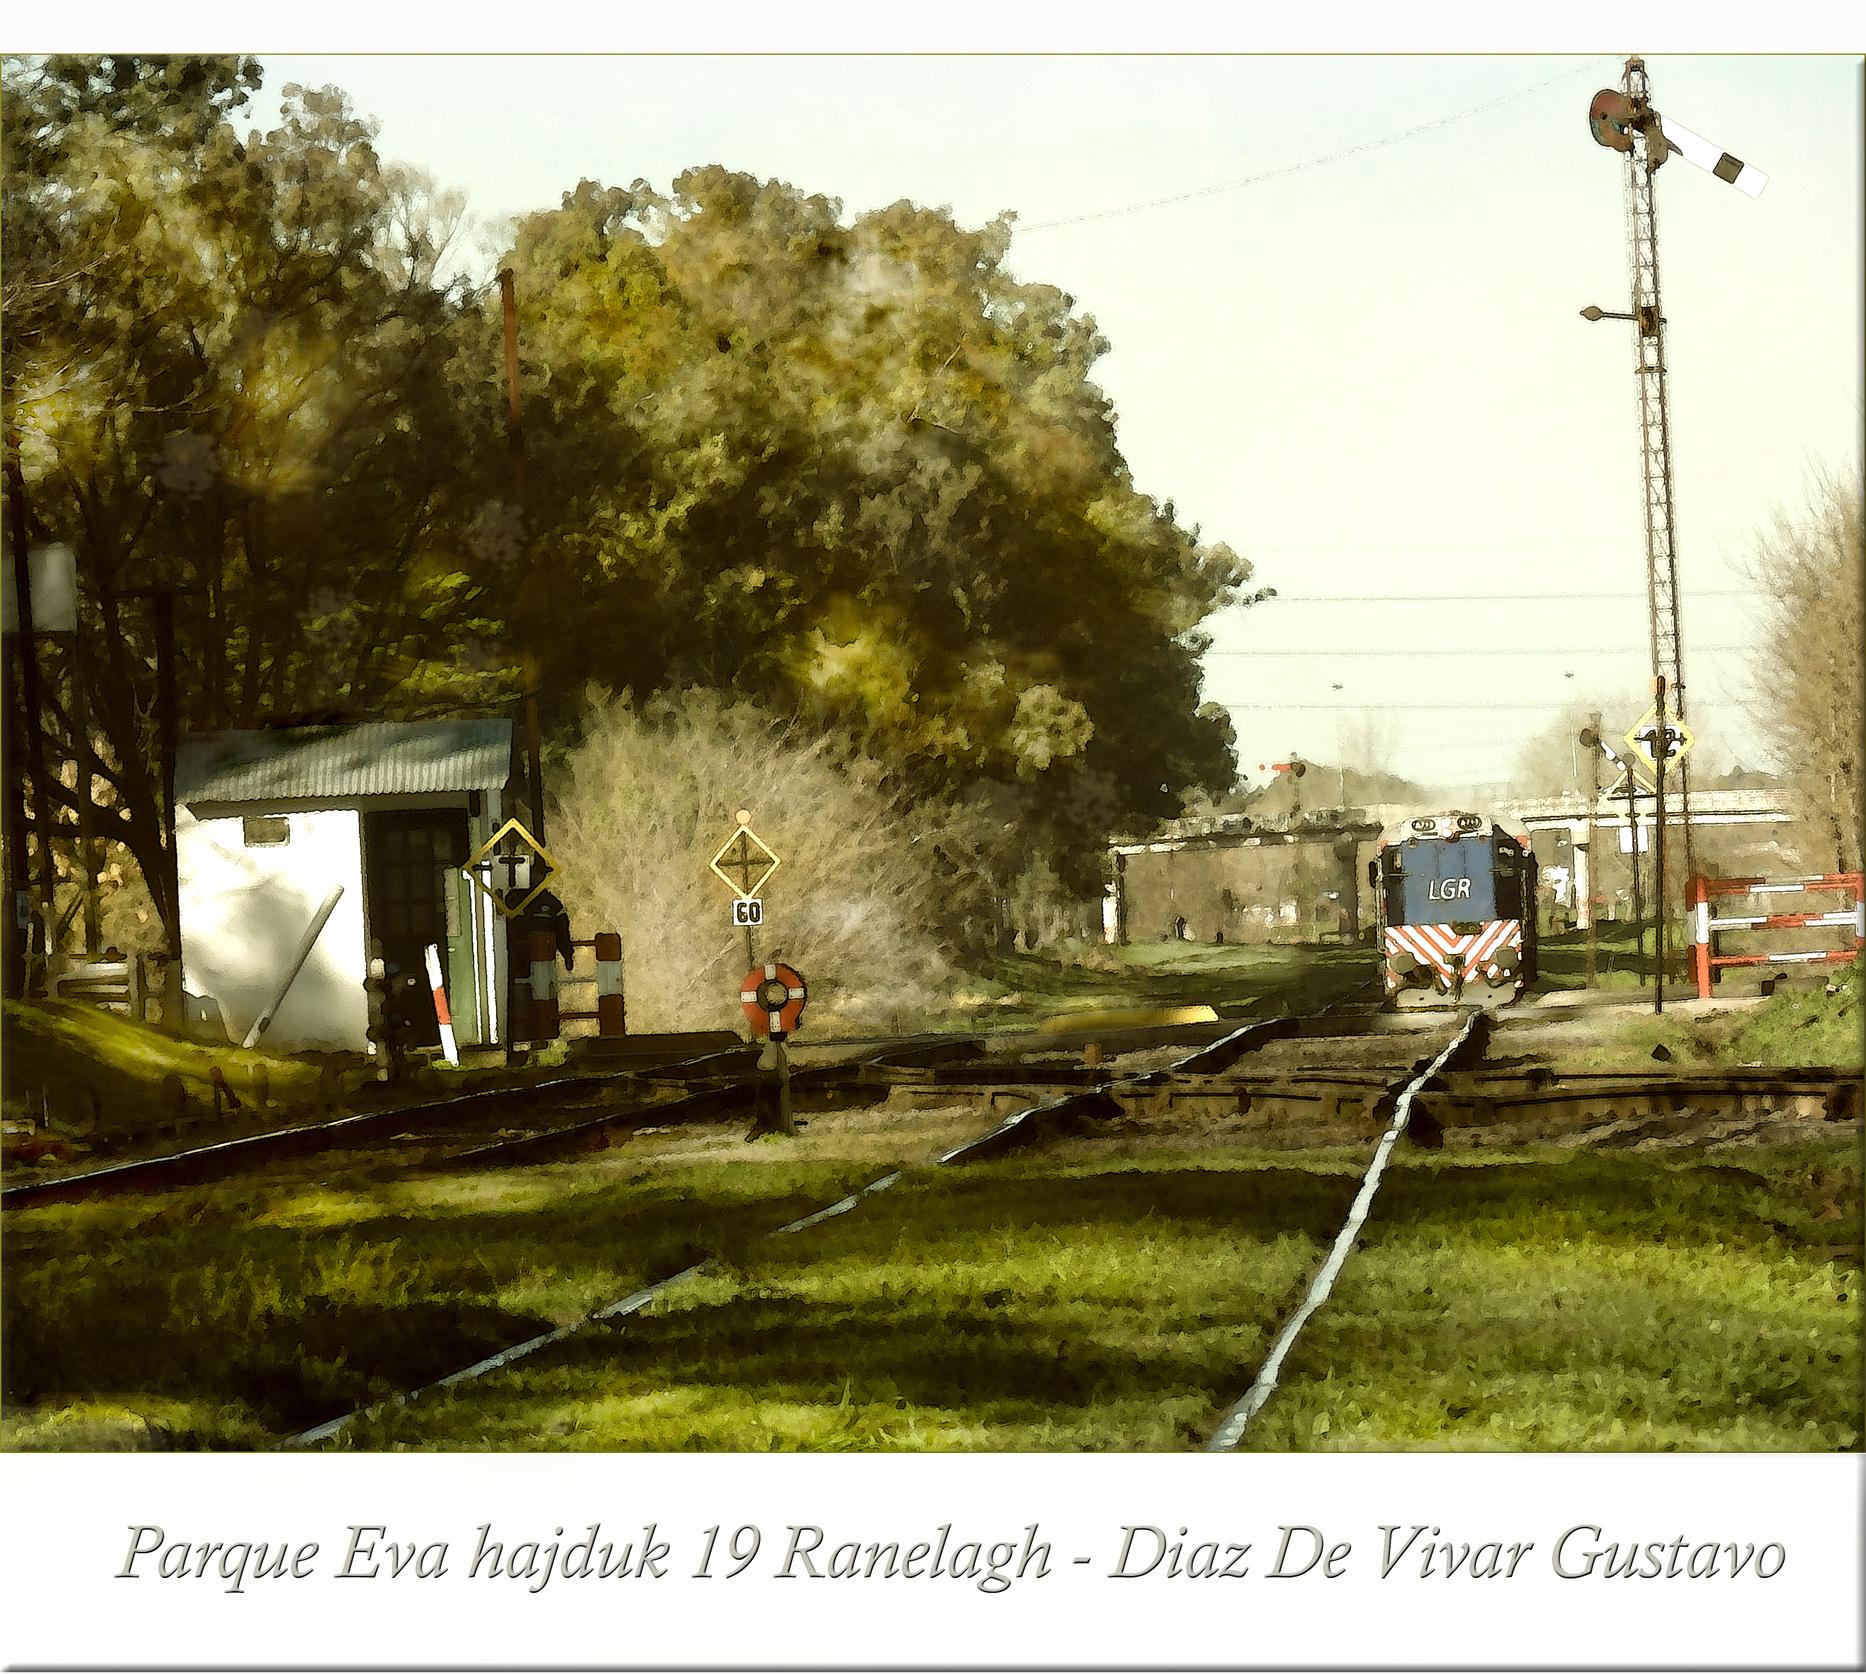 Parque Eva hajduk  Ranelagh - Diaz De Vivar Gustavo